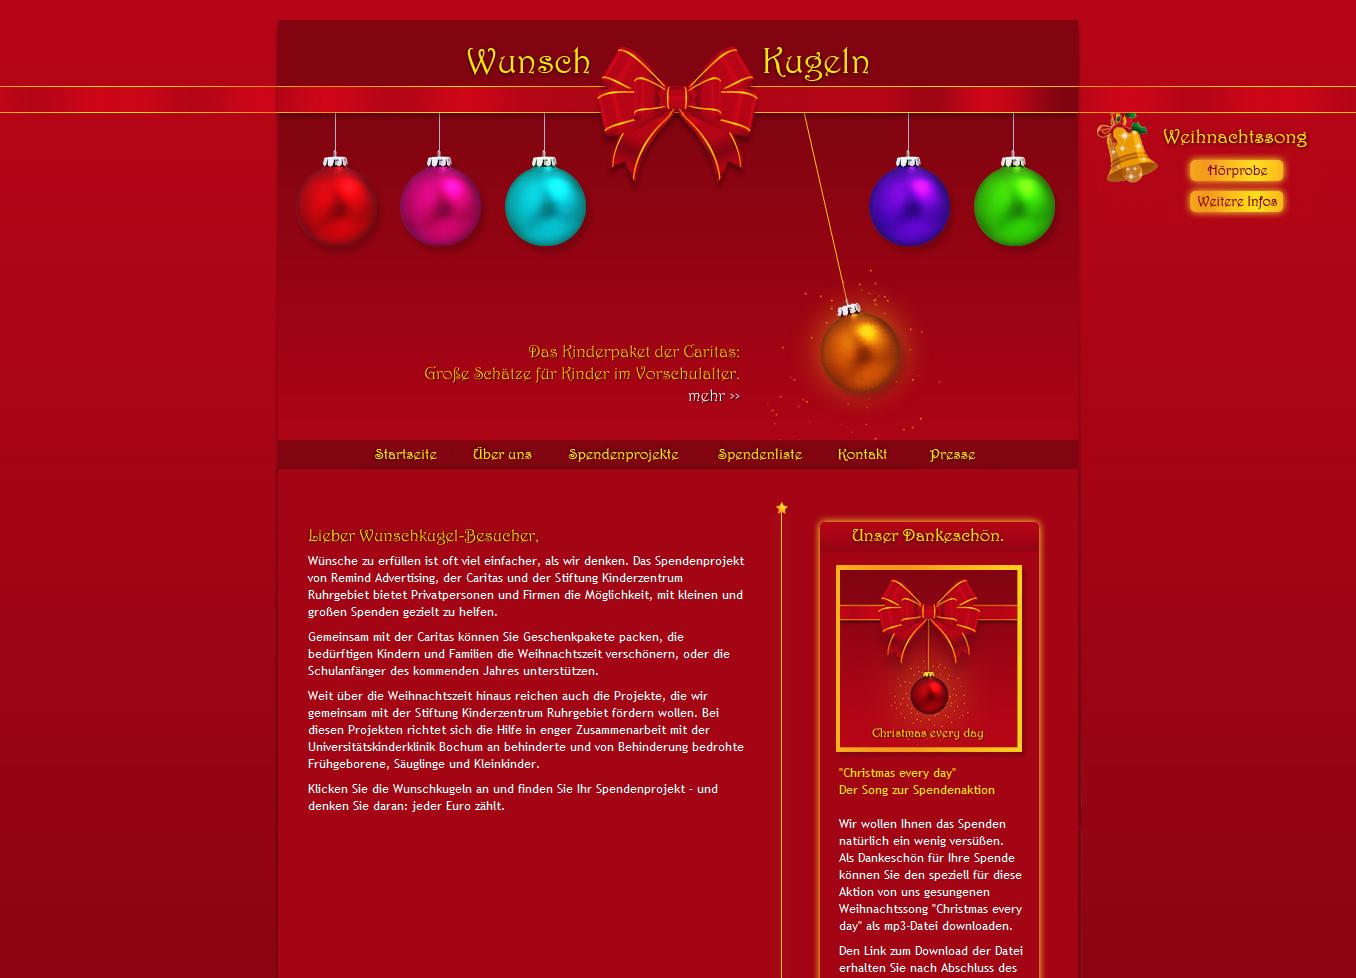 www.wunschkugeln.com